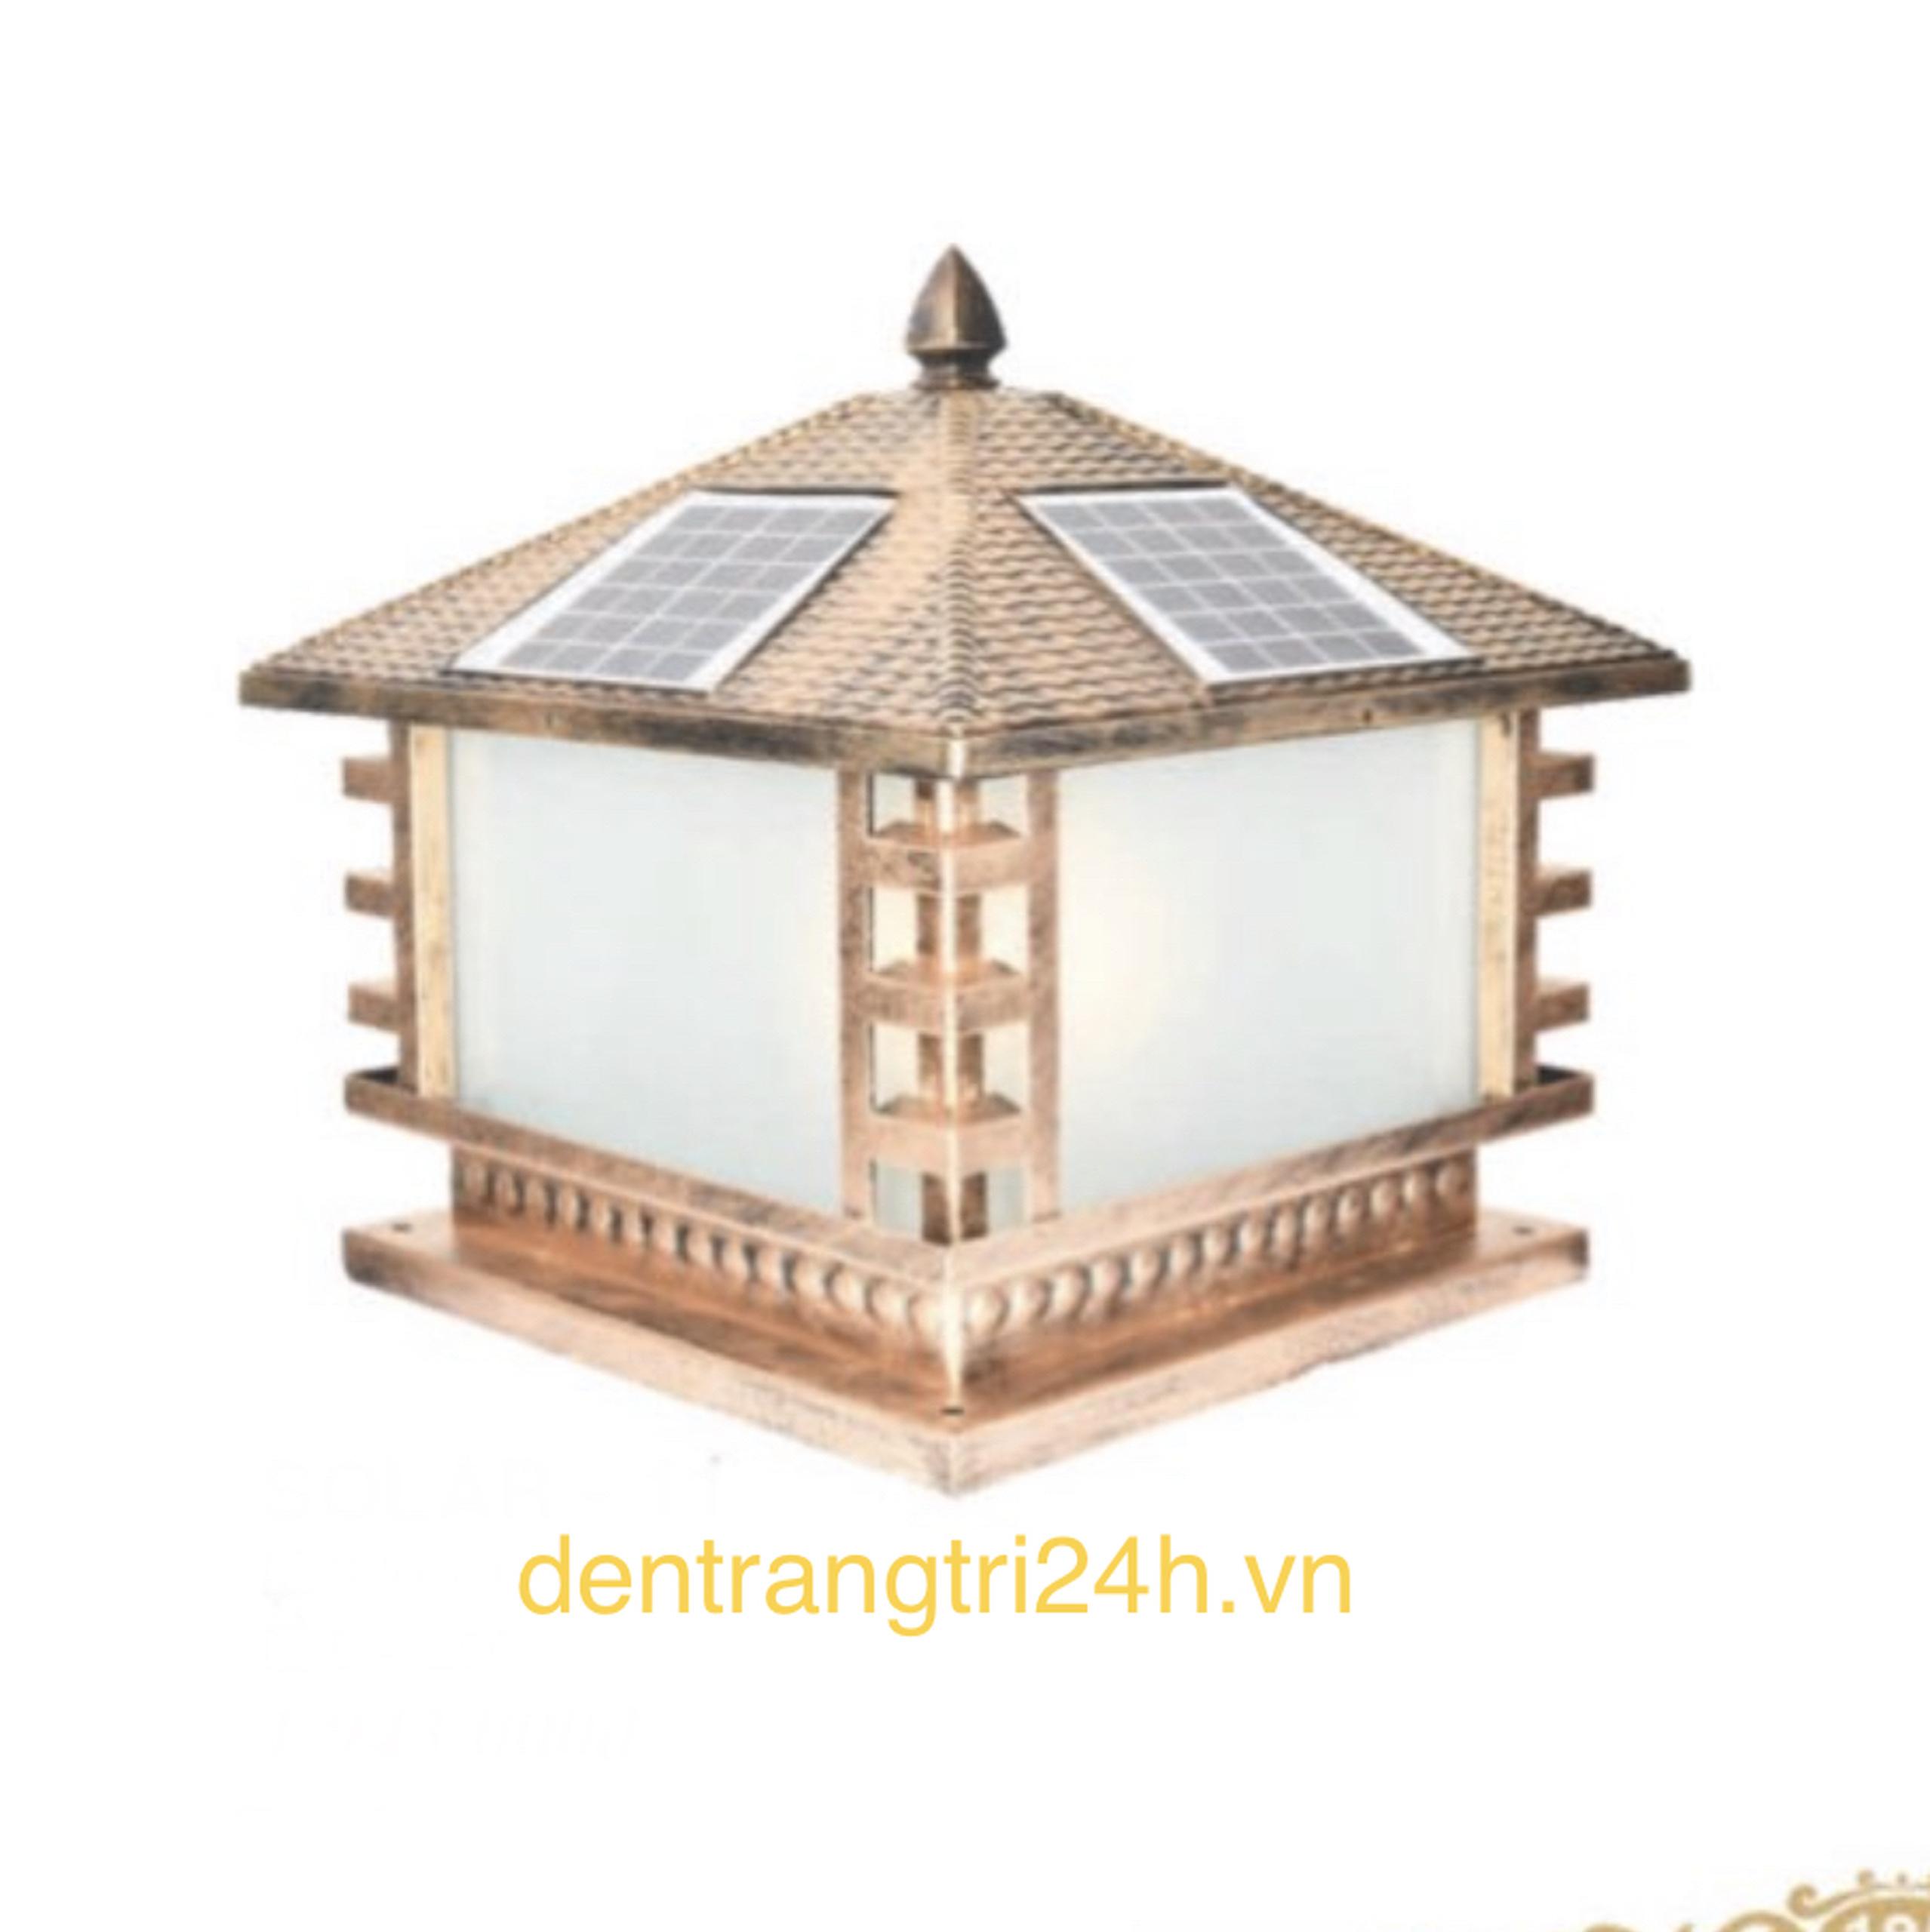 Đèn trụ cổng năng lượng mặt trời CT1 Solar-12  L400xH350